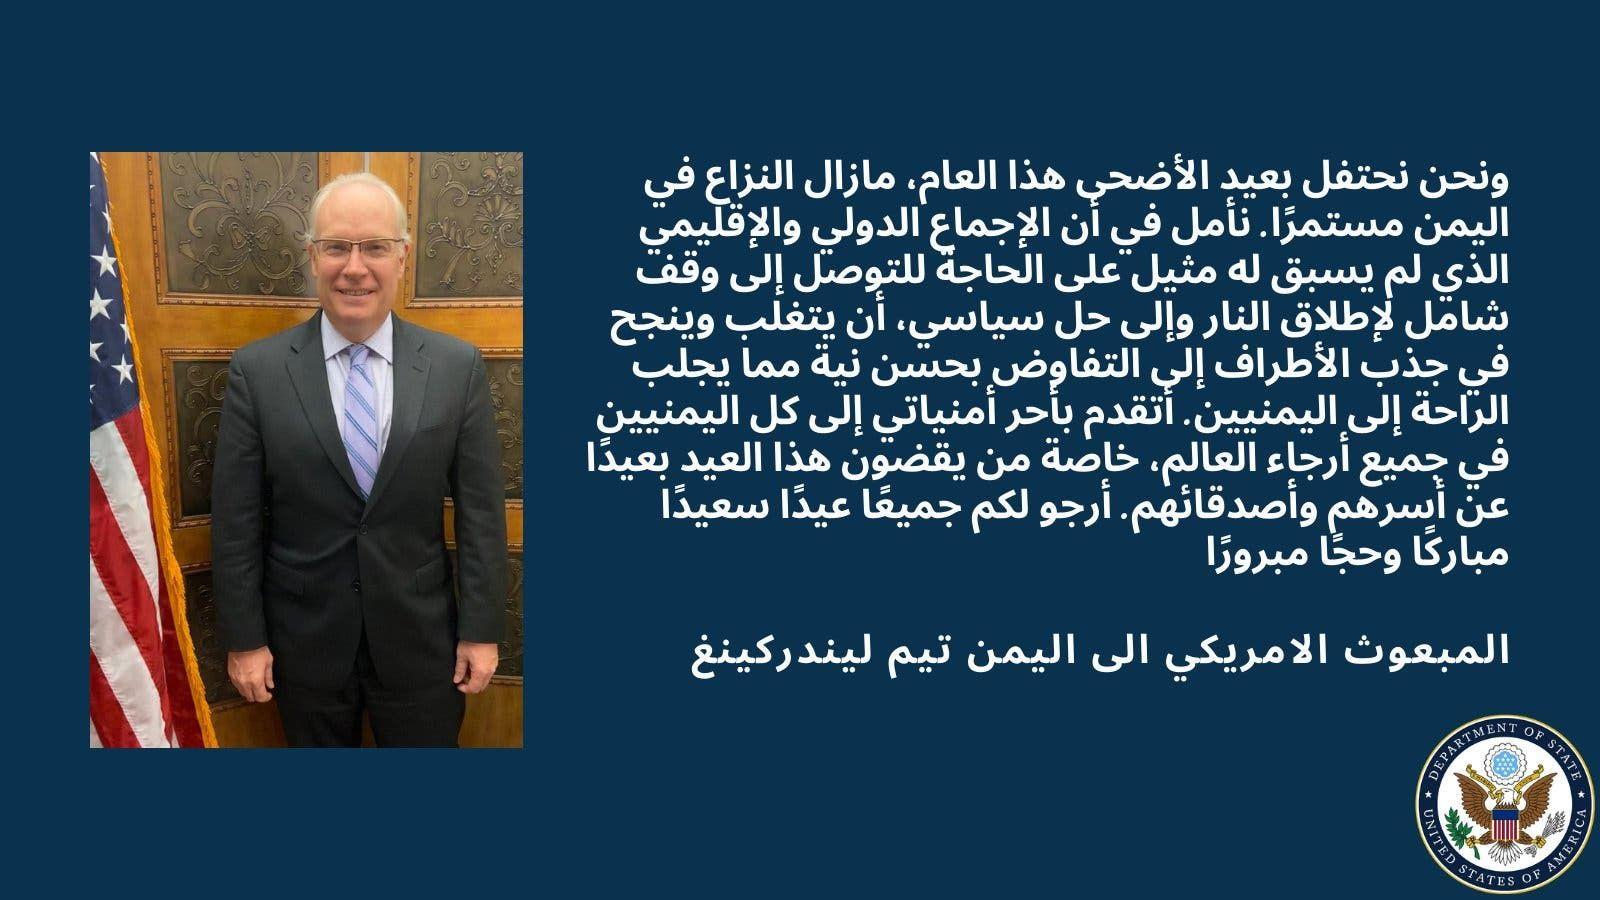 بيان المبعوث الأميركي إلى اليمن تيم ليندركينغ